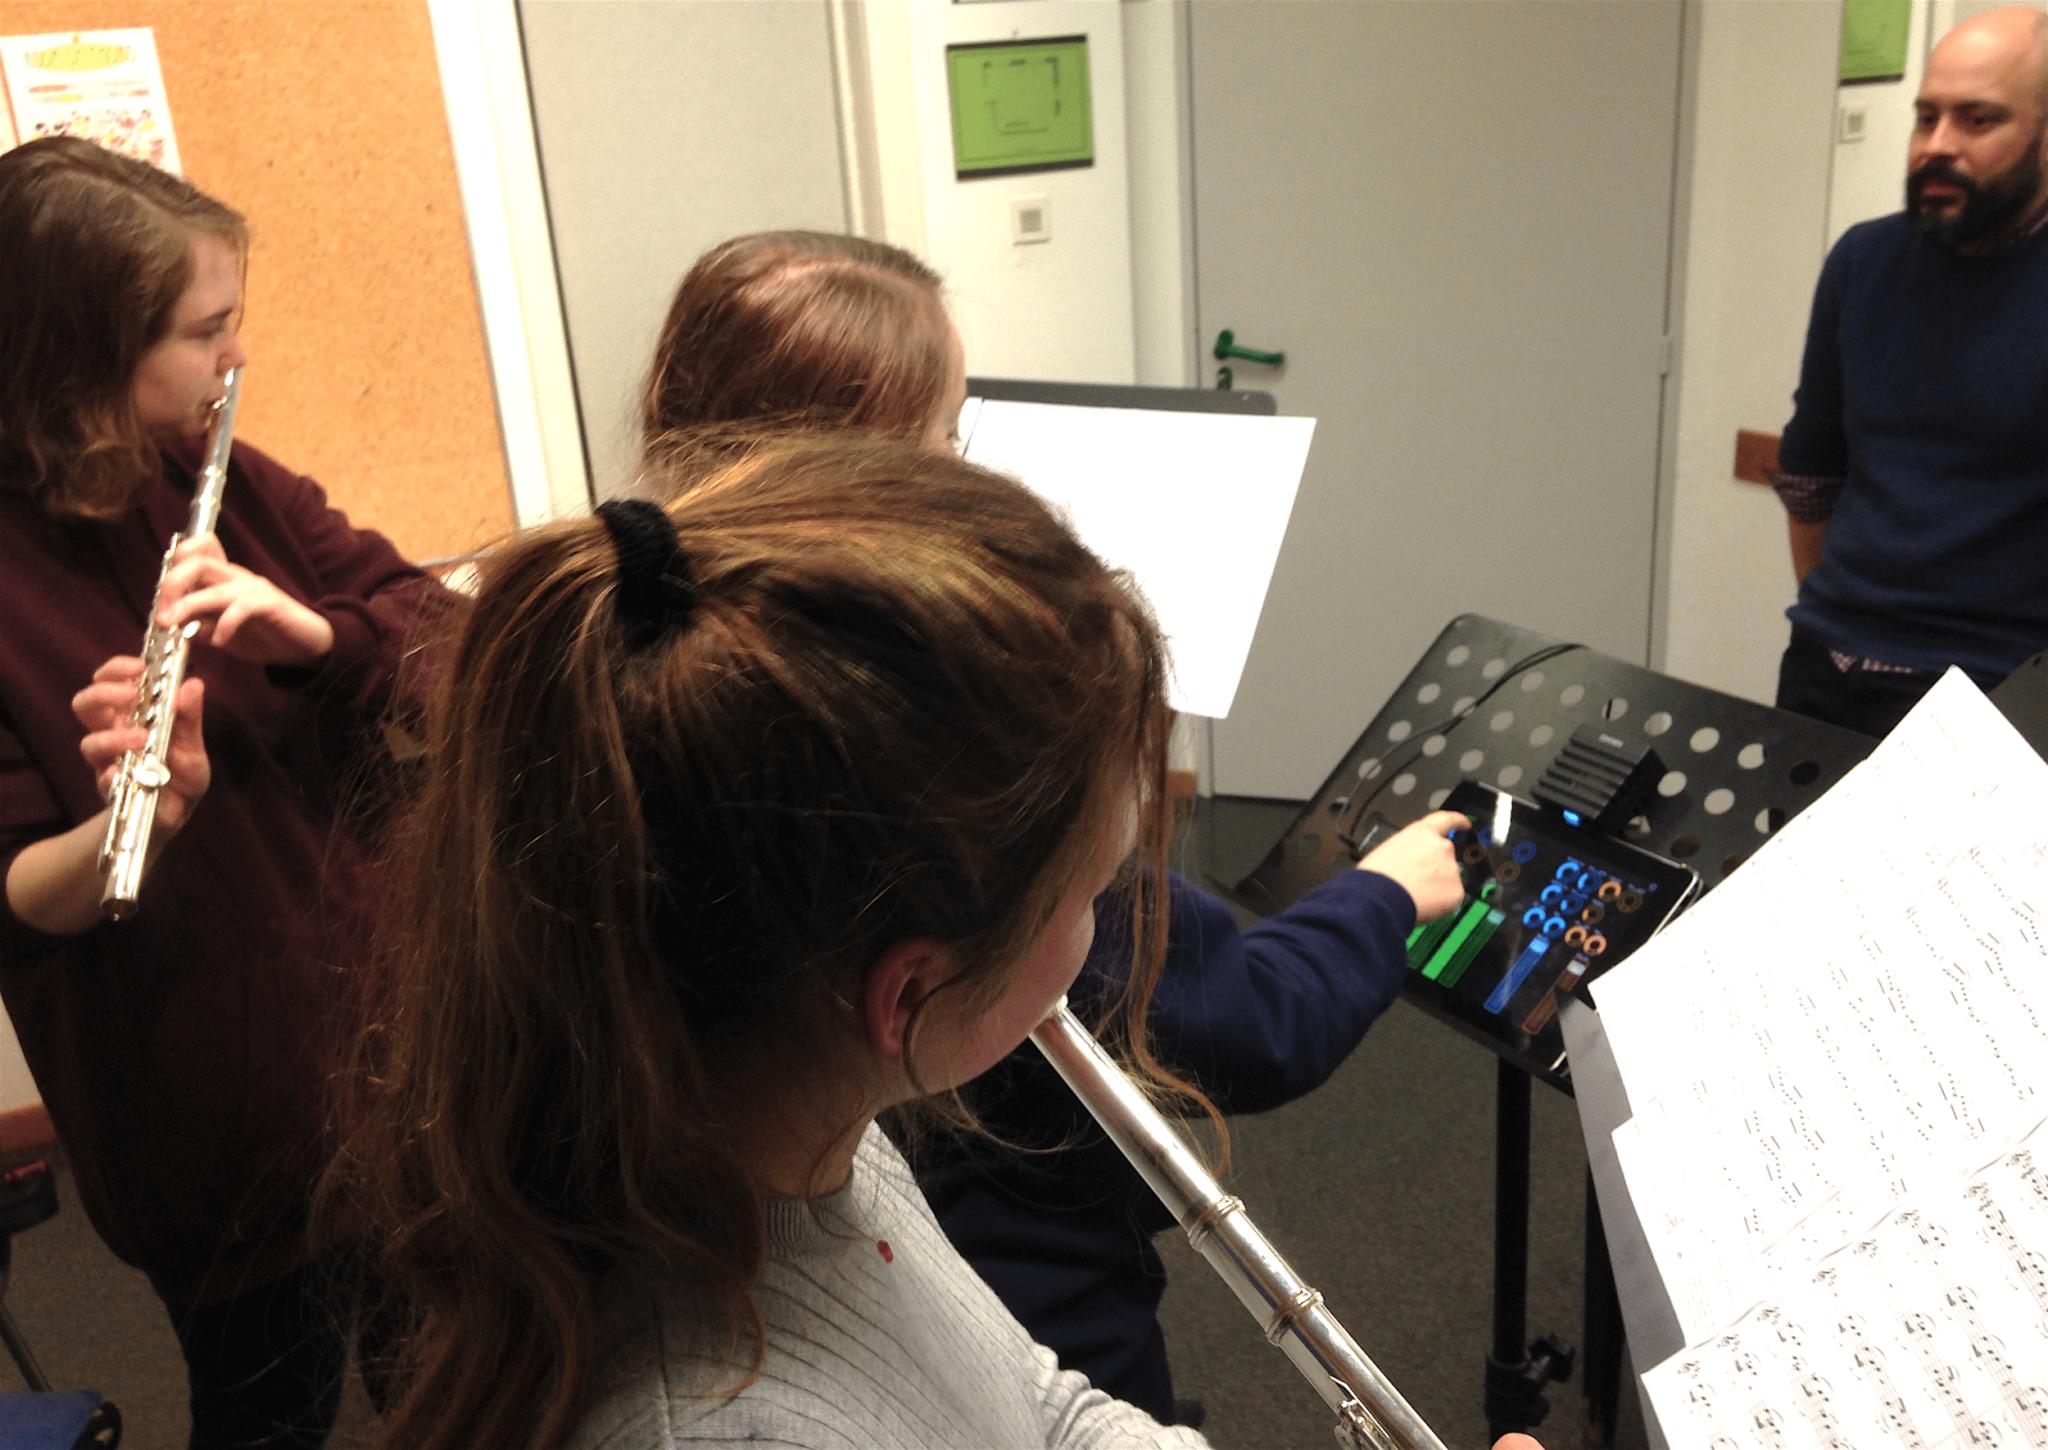 ecole de musique trio de flutes traversières et électronique